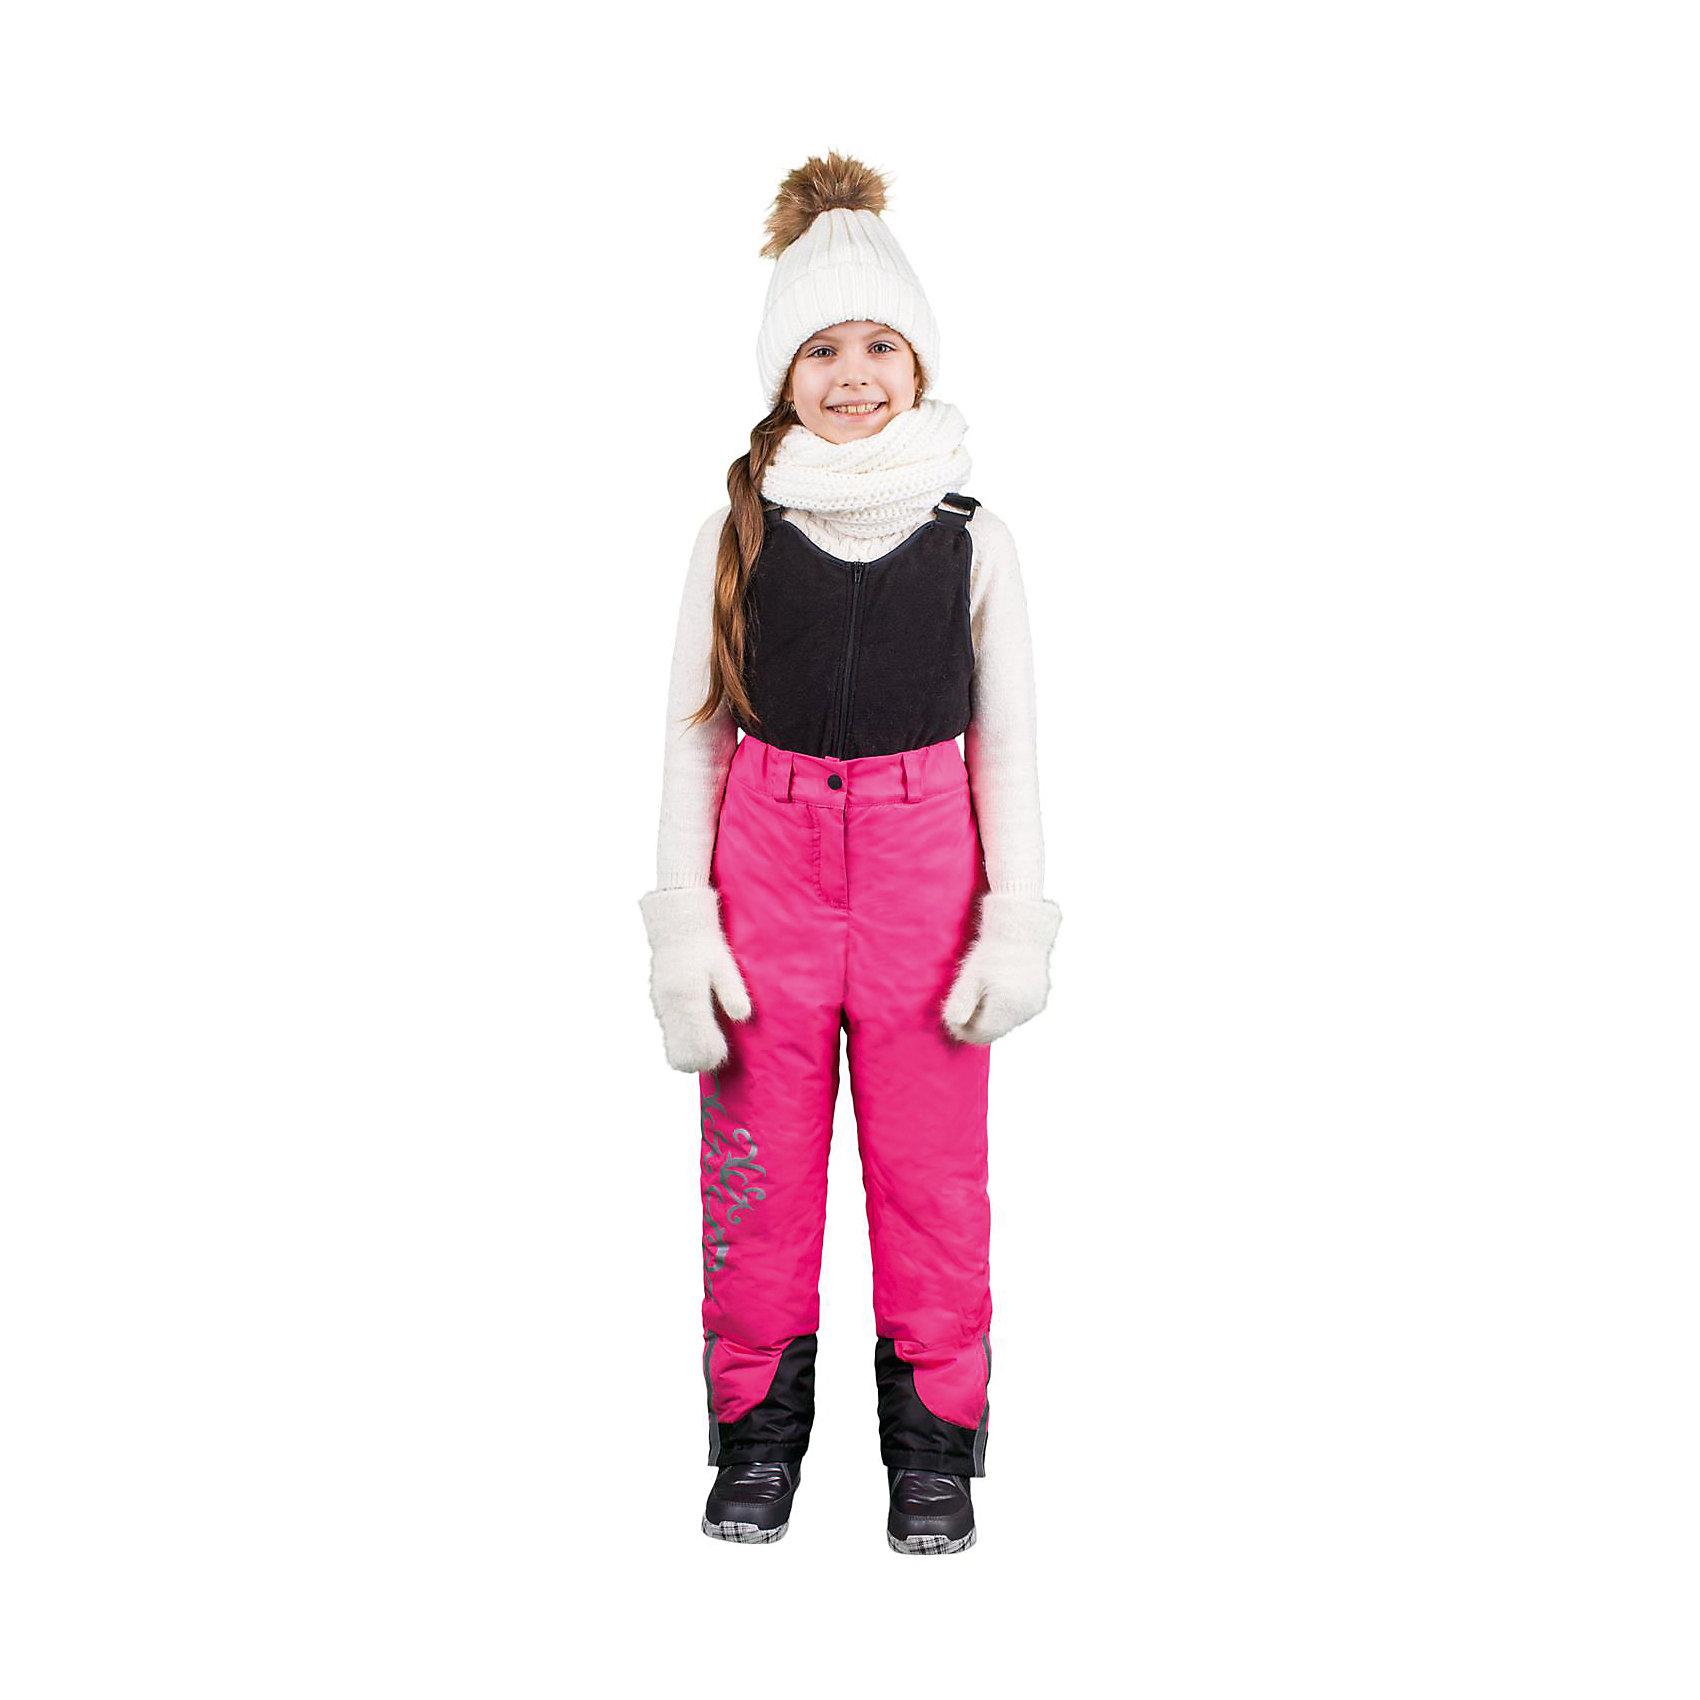 Полукомбинезон для девочки BOOM by OrbyВерхняя одежда<br>Характеристики изделия:<br><br>- материал верха: плащевая ткань;<br>- подкладка: ПЭ;<br>- утеплитель: эко-синтепон 150 г/м2; <br>- фурнитура: металл, пластик;<br>- застежка: молния;<br>- регулируемые лямки;<br>- шлевки;<br>- светоотражающие элементы.<br>-максимальная температура ношения - 20°С<br><br>В холодный сезон девочки хотят одеваться не только тепло, но и модно. Этот стильный и теплый полукомбинезон позволит ребенку наслаждаться зимним отдыхом, не боясь замерзнуть, и выглядеть при этом очень симпатично.<br>Изделие плотно сидит благодаря продуманному крою и надежным застежкам. Оно смотрится очень эффектно благодаря принту из светоотржающего материала. Полукомбинезон дополнен карманами и регулируемыми лямками.<br><br>Полукомбинезон для девочки от бренда BOOM by Orby можно купить в нашем магазине.<br><br>Ширина мм: 215<br>Глубина мм: 88<br>Высота мм: 191<br>Вес г: 336<br>Цвет: розовый<br>Возраст от месяцев: 24<br>Возраст до месяцев: 36<br>Пол: Женский<br>Возраст: Детский<br>Размер: 98,116,86,134,158,110,92,152,122,128,140,104,146<br>SKU: 4982658